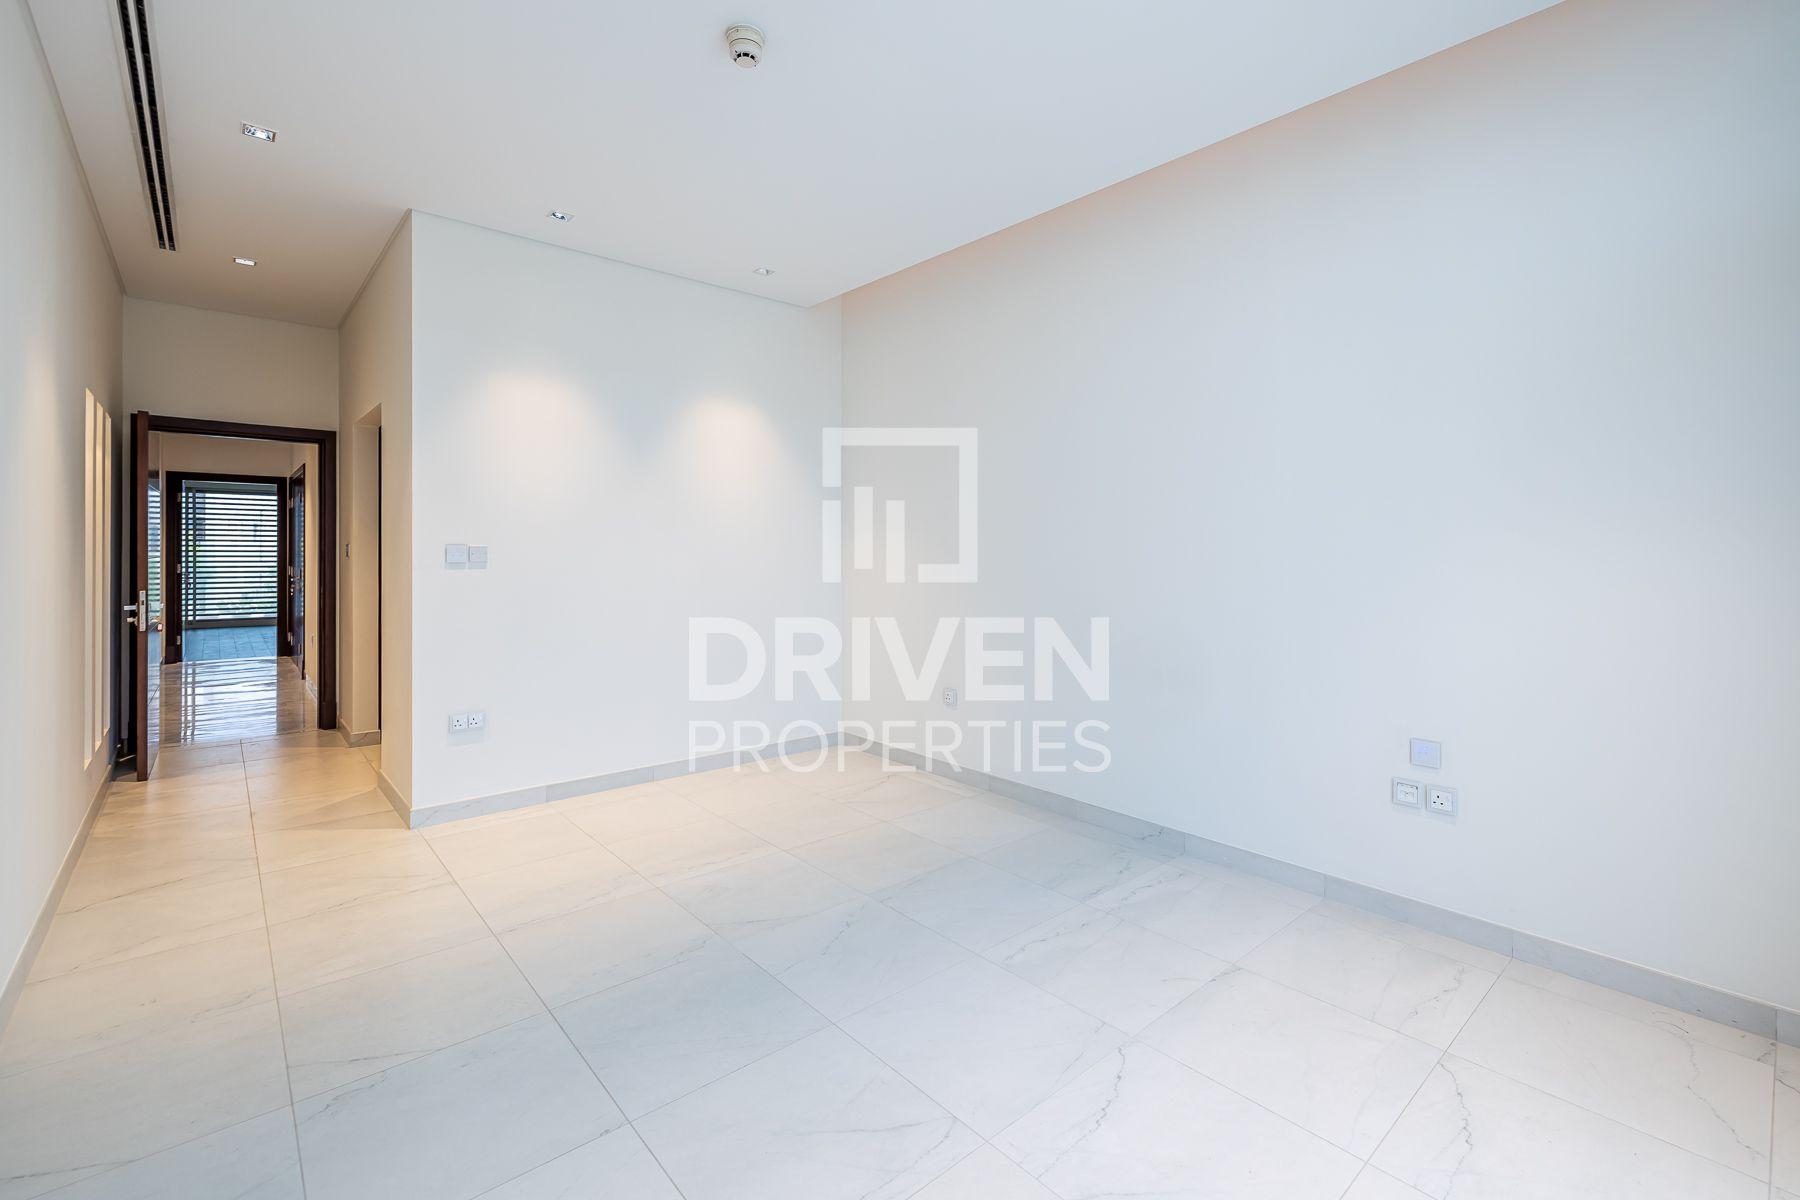 Villa for Sale in District One Villas - Mohammed Bin Rashid City